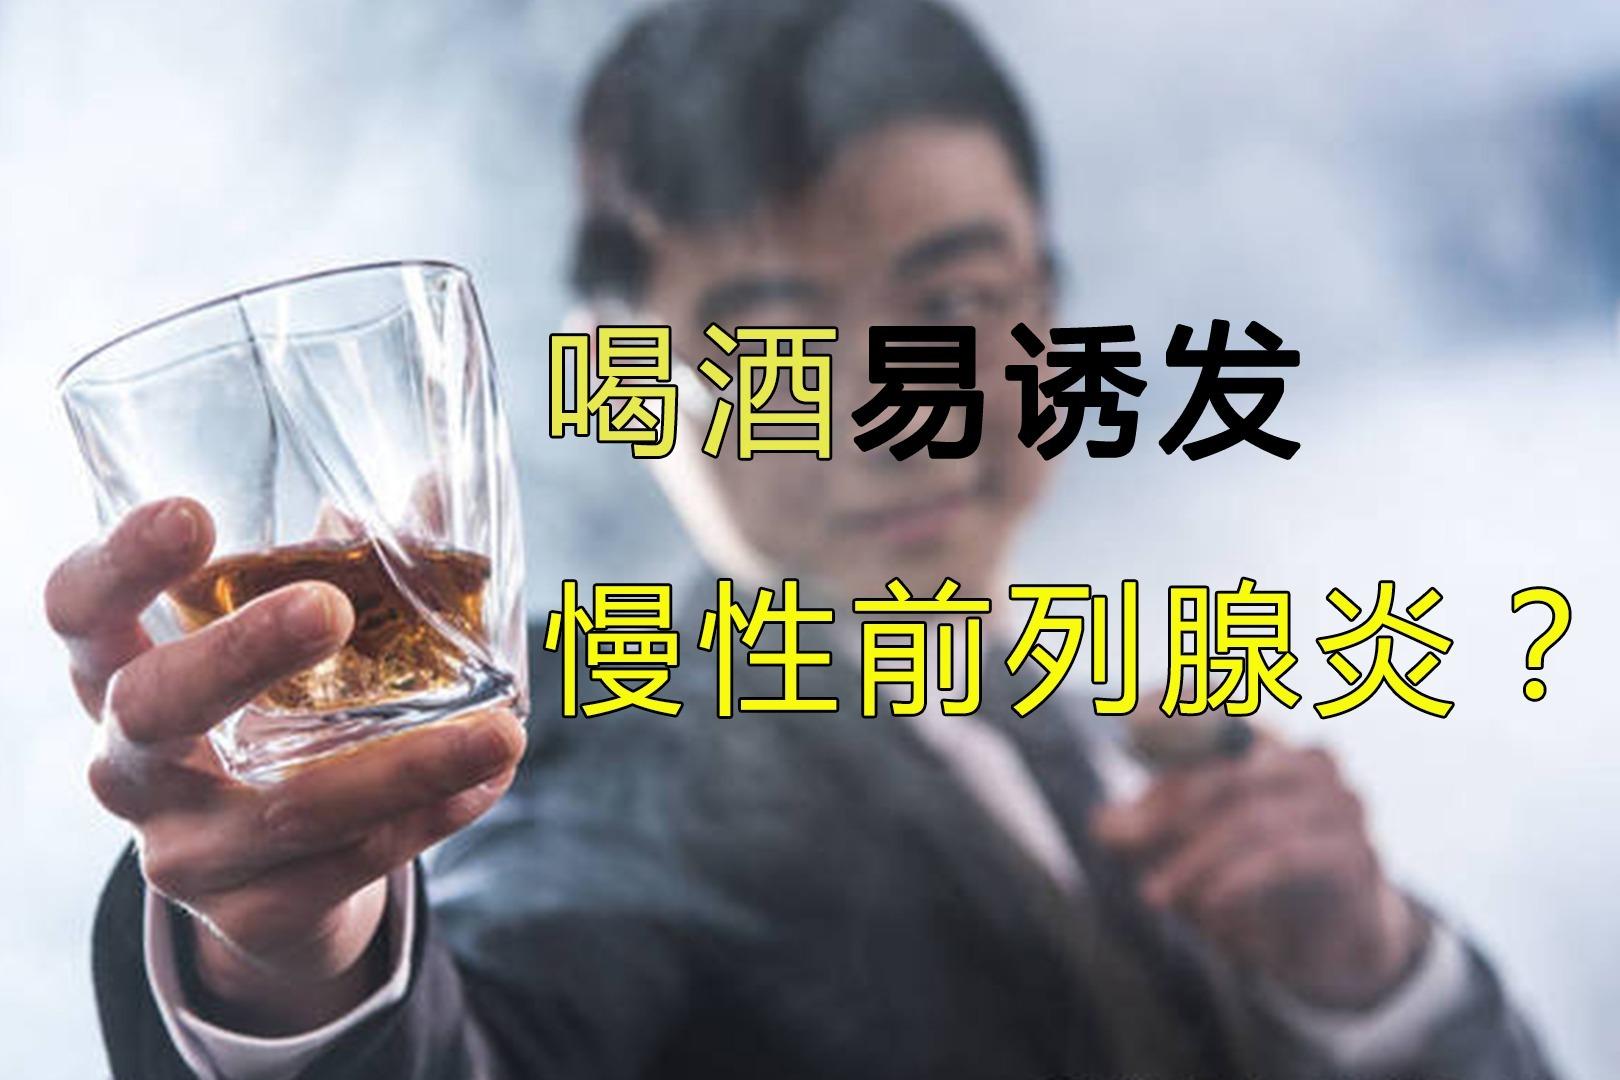 【神麻贡品】为什么喝酒男人更容易患慢性前列腺炎?